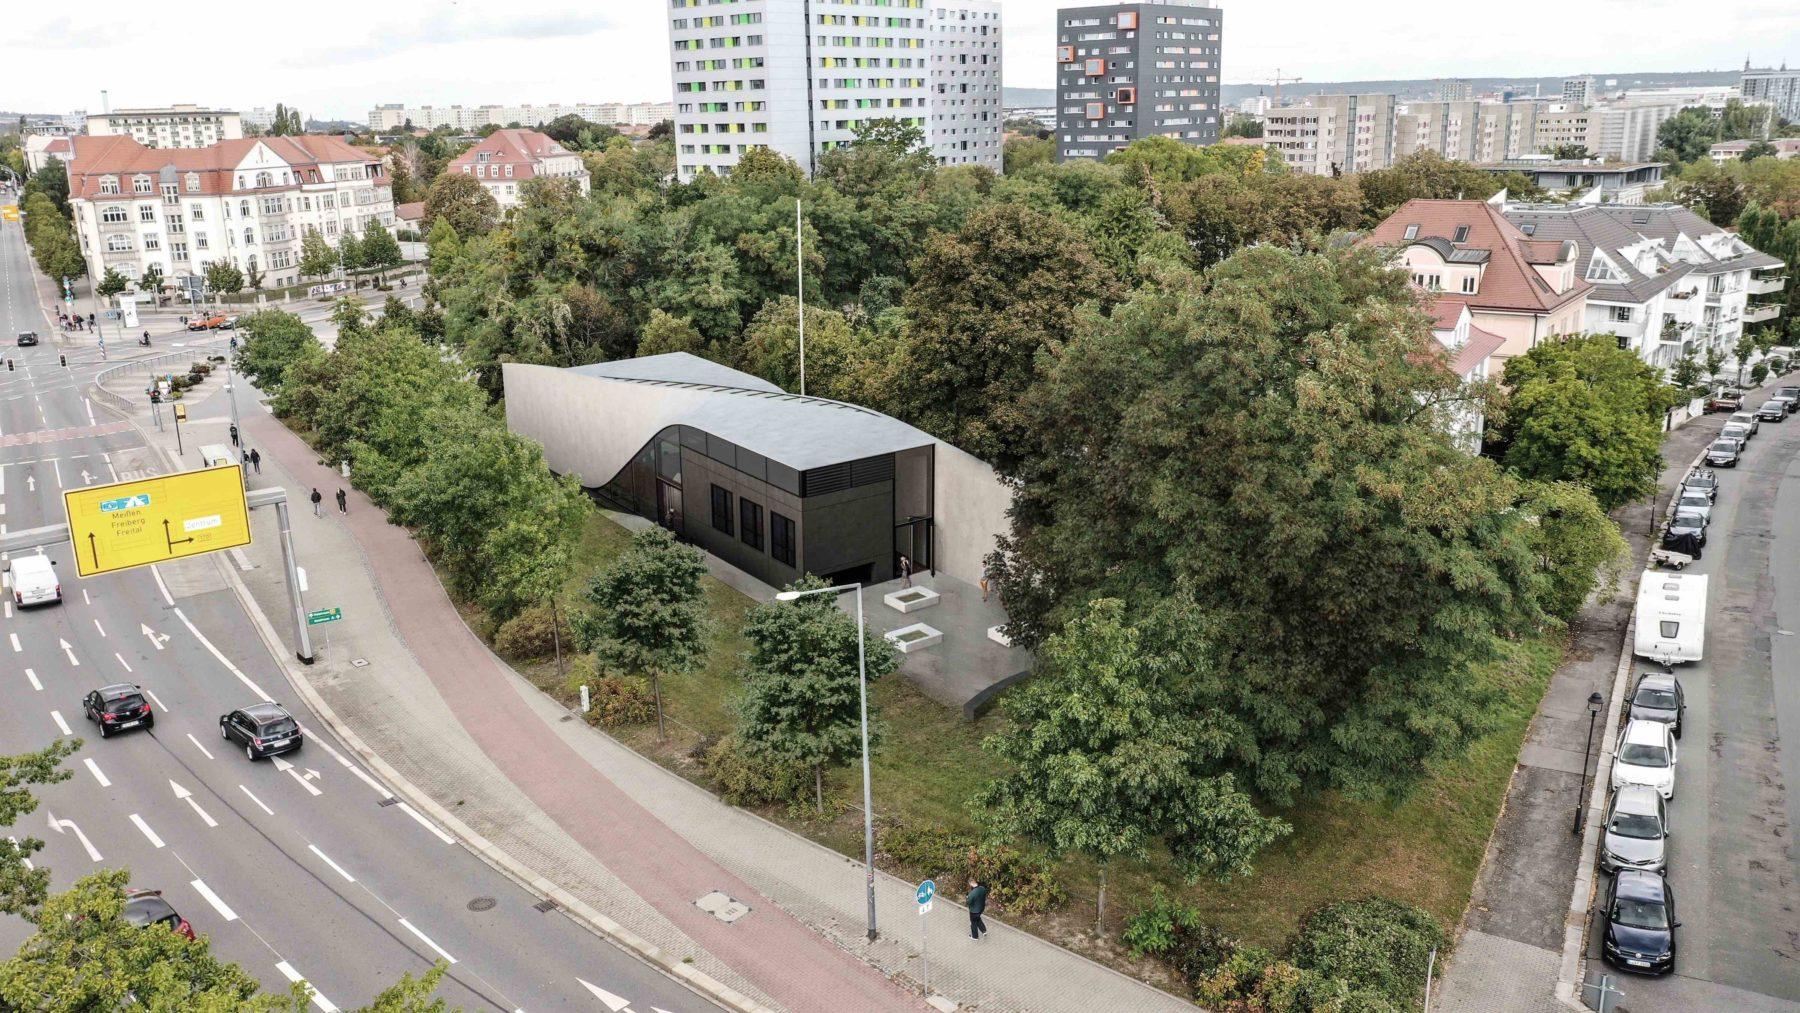 Das Carbonhaus CUBE wird auf dem Gelände der TU Dresden gebaut. Grafik: Iurii Vakaliuk